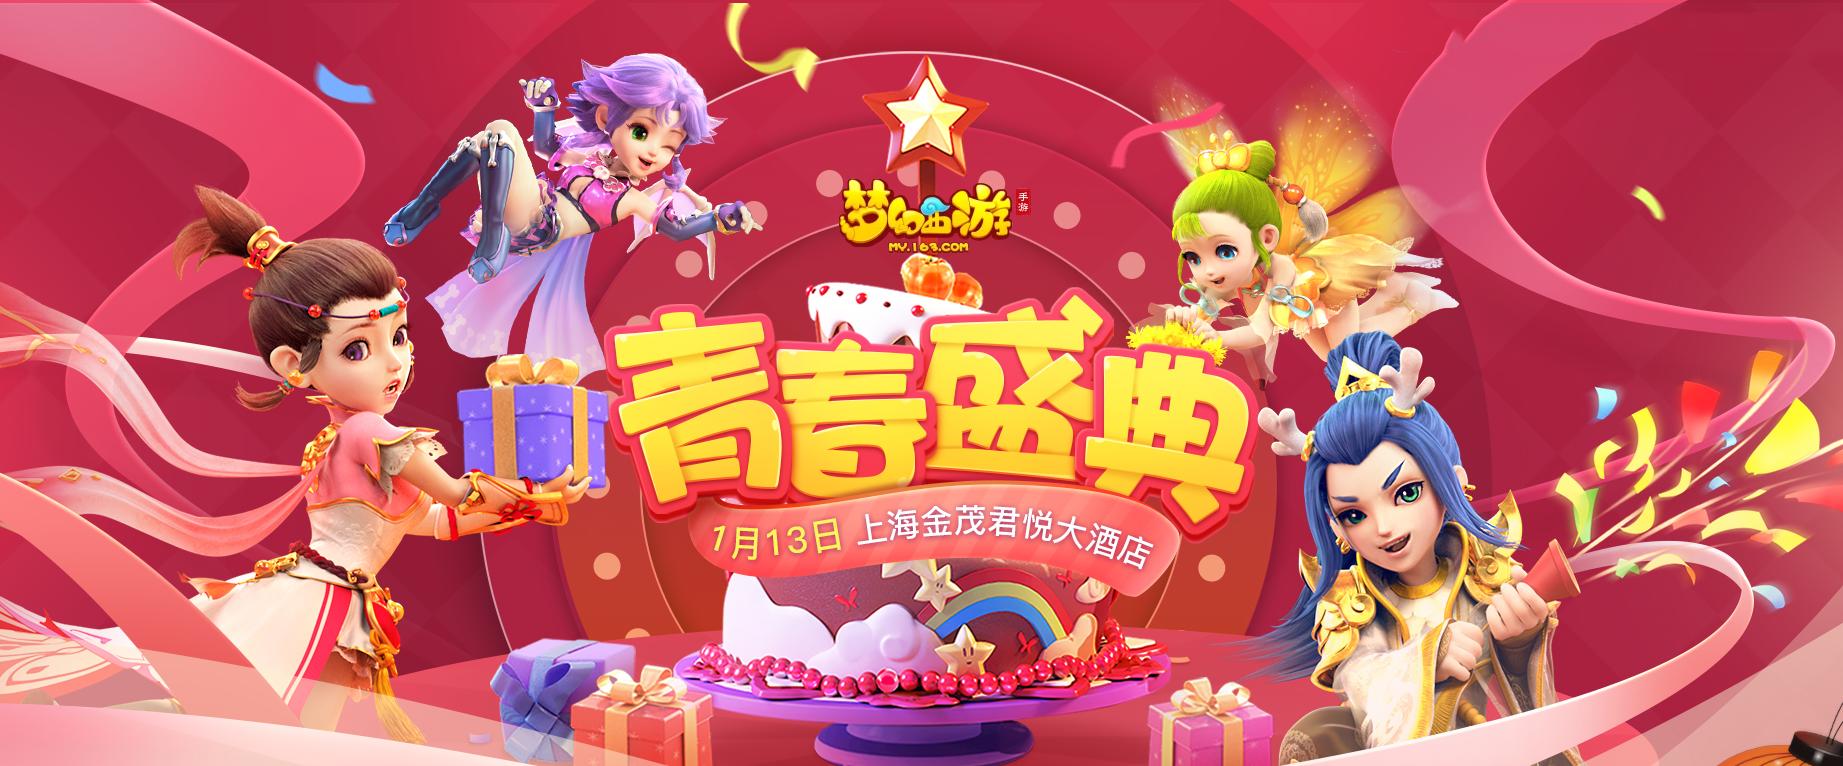 2019《梦幻西游》手游青春盛典